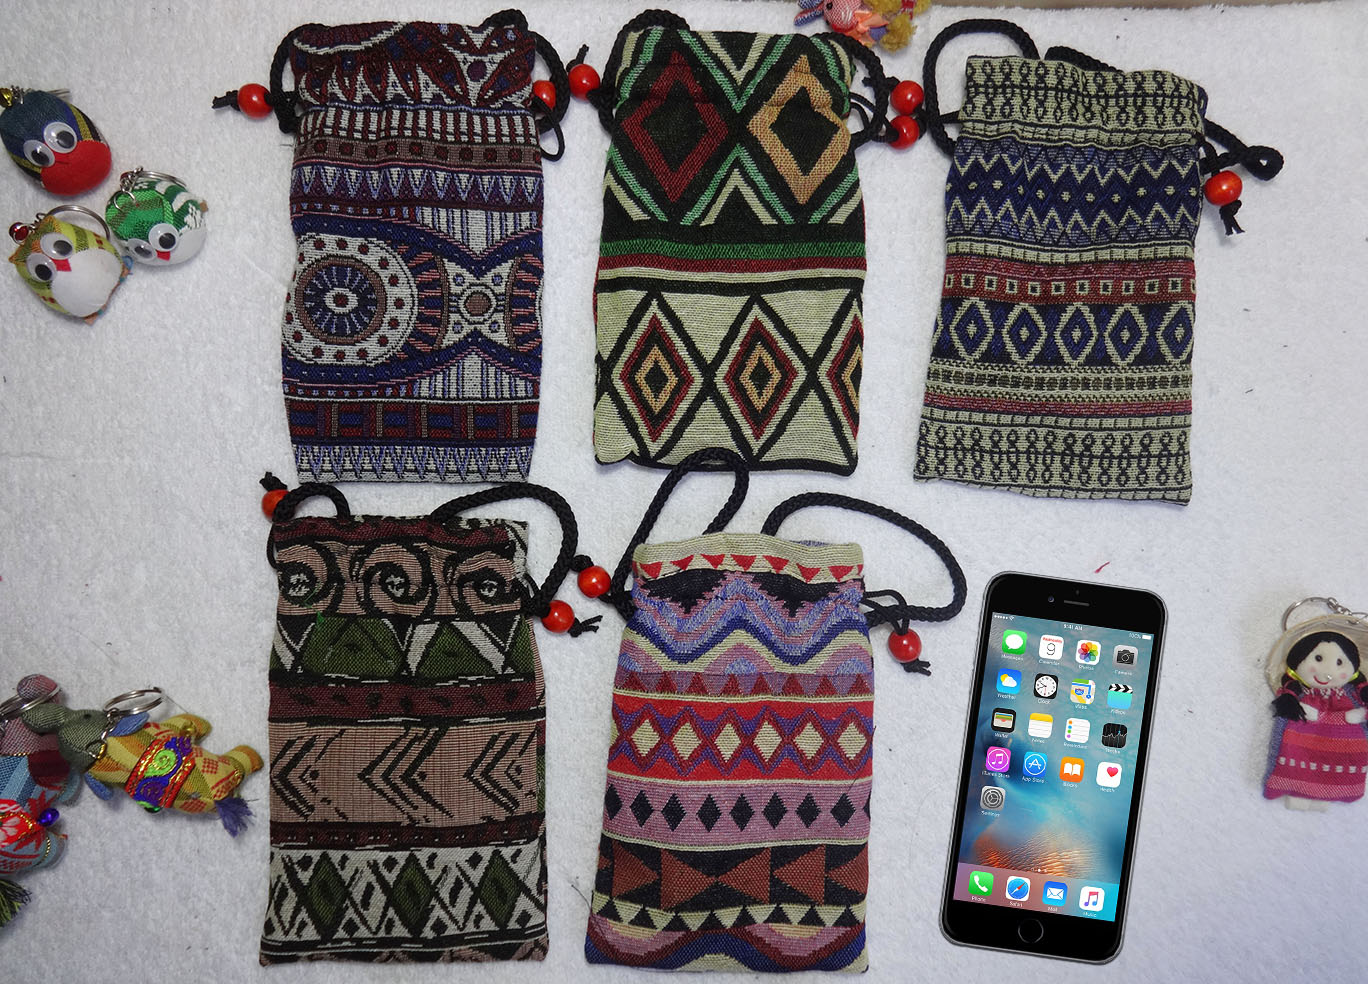 Các loại túi, bao da điện thoại làm bằng thổ cẩm